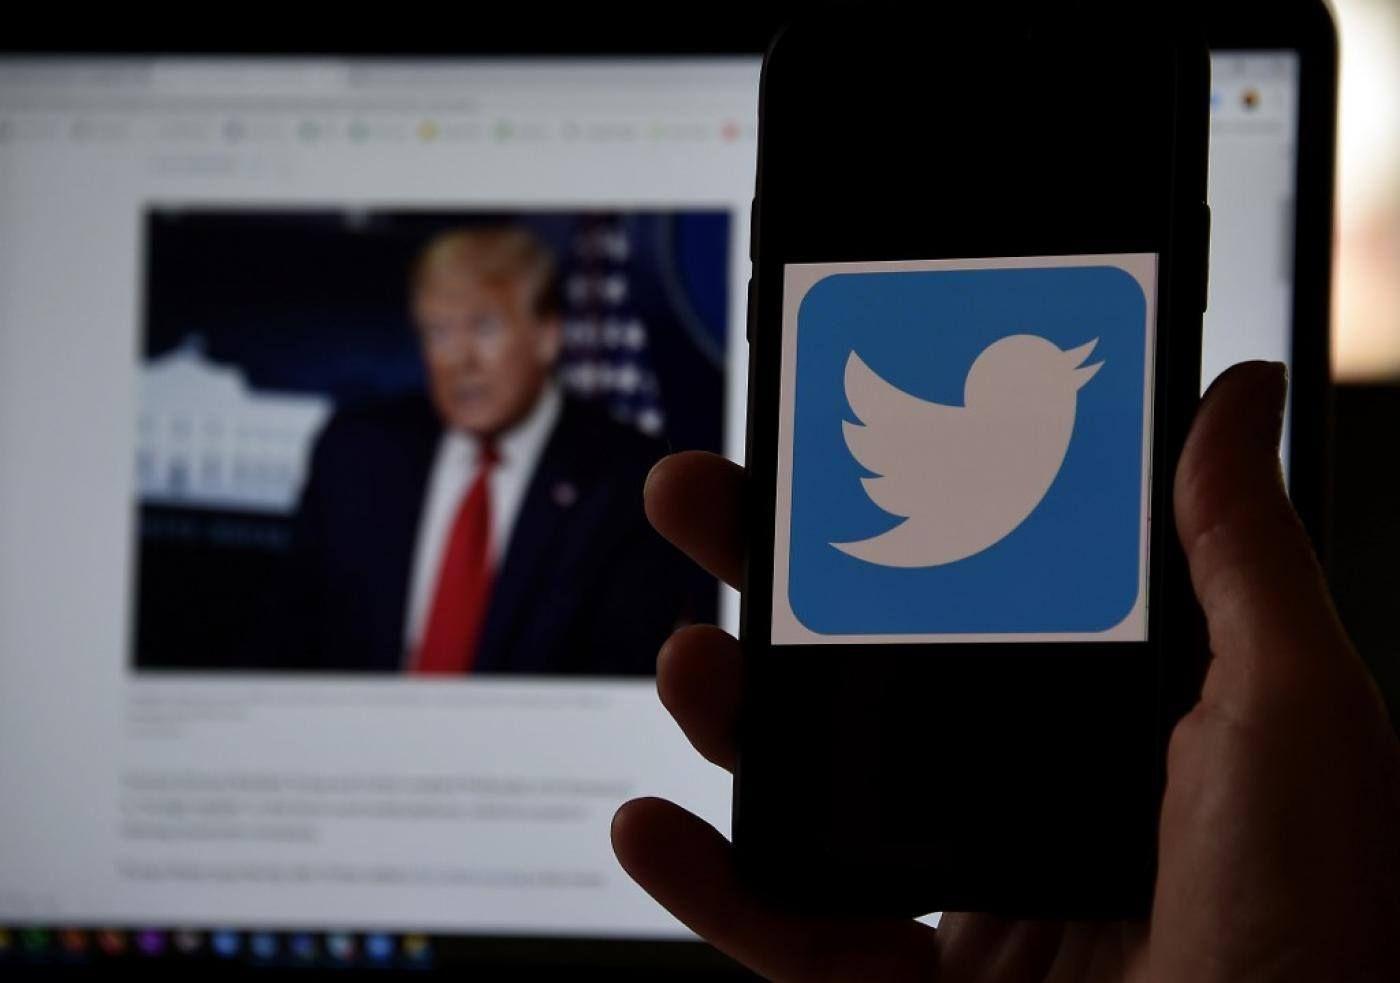 Роскомнагляд вимагає від Twitter підтвердження зв'язку заблокованих акаунтів «фабрики тролів» з державними органами РФ